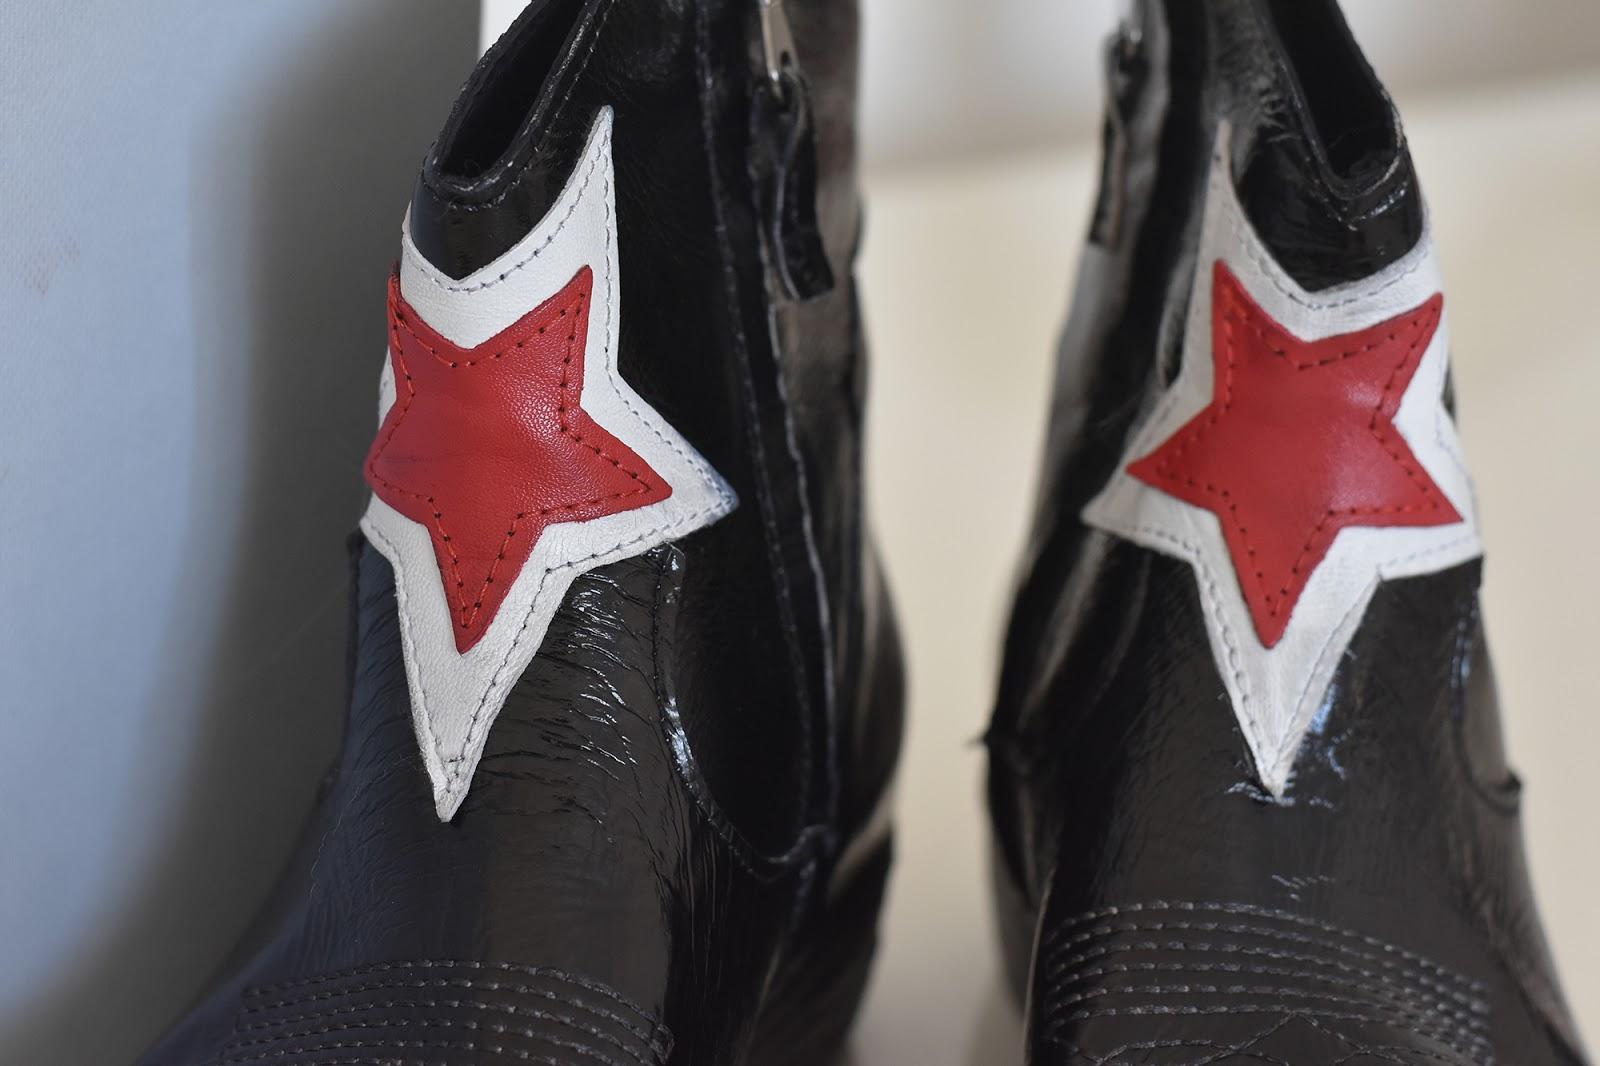 stivali con stella